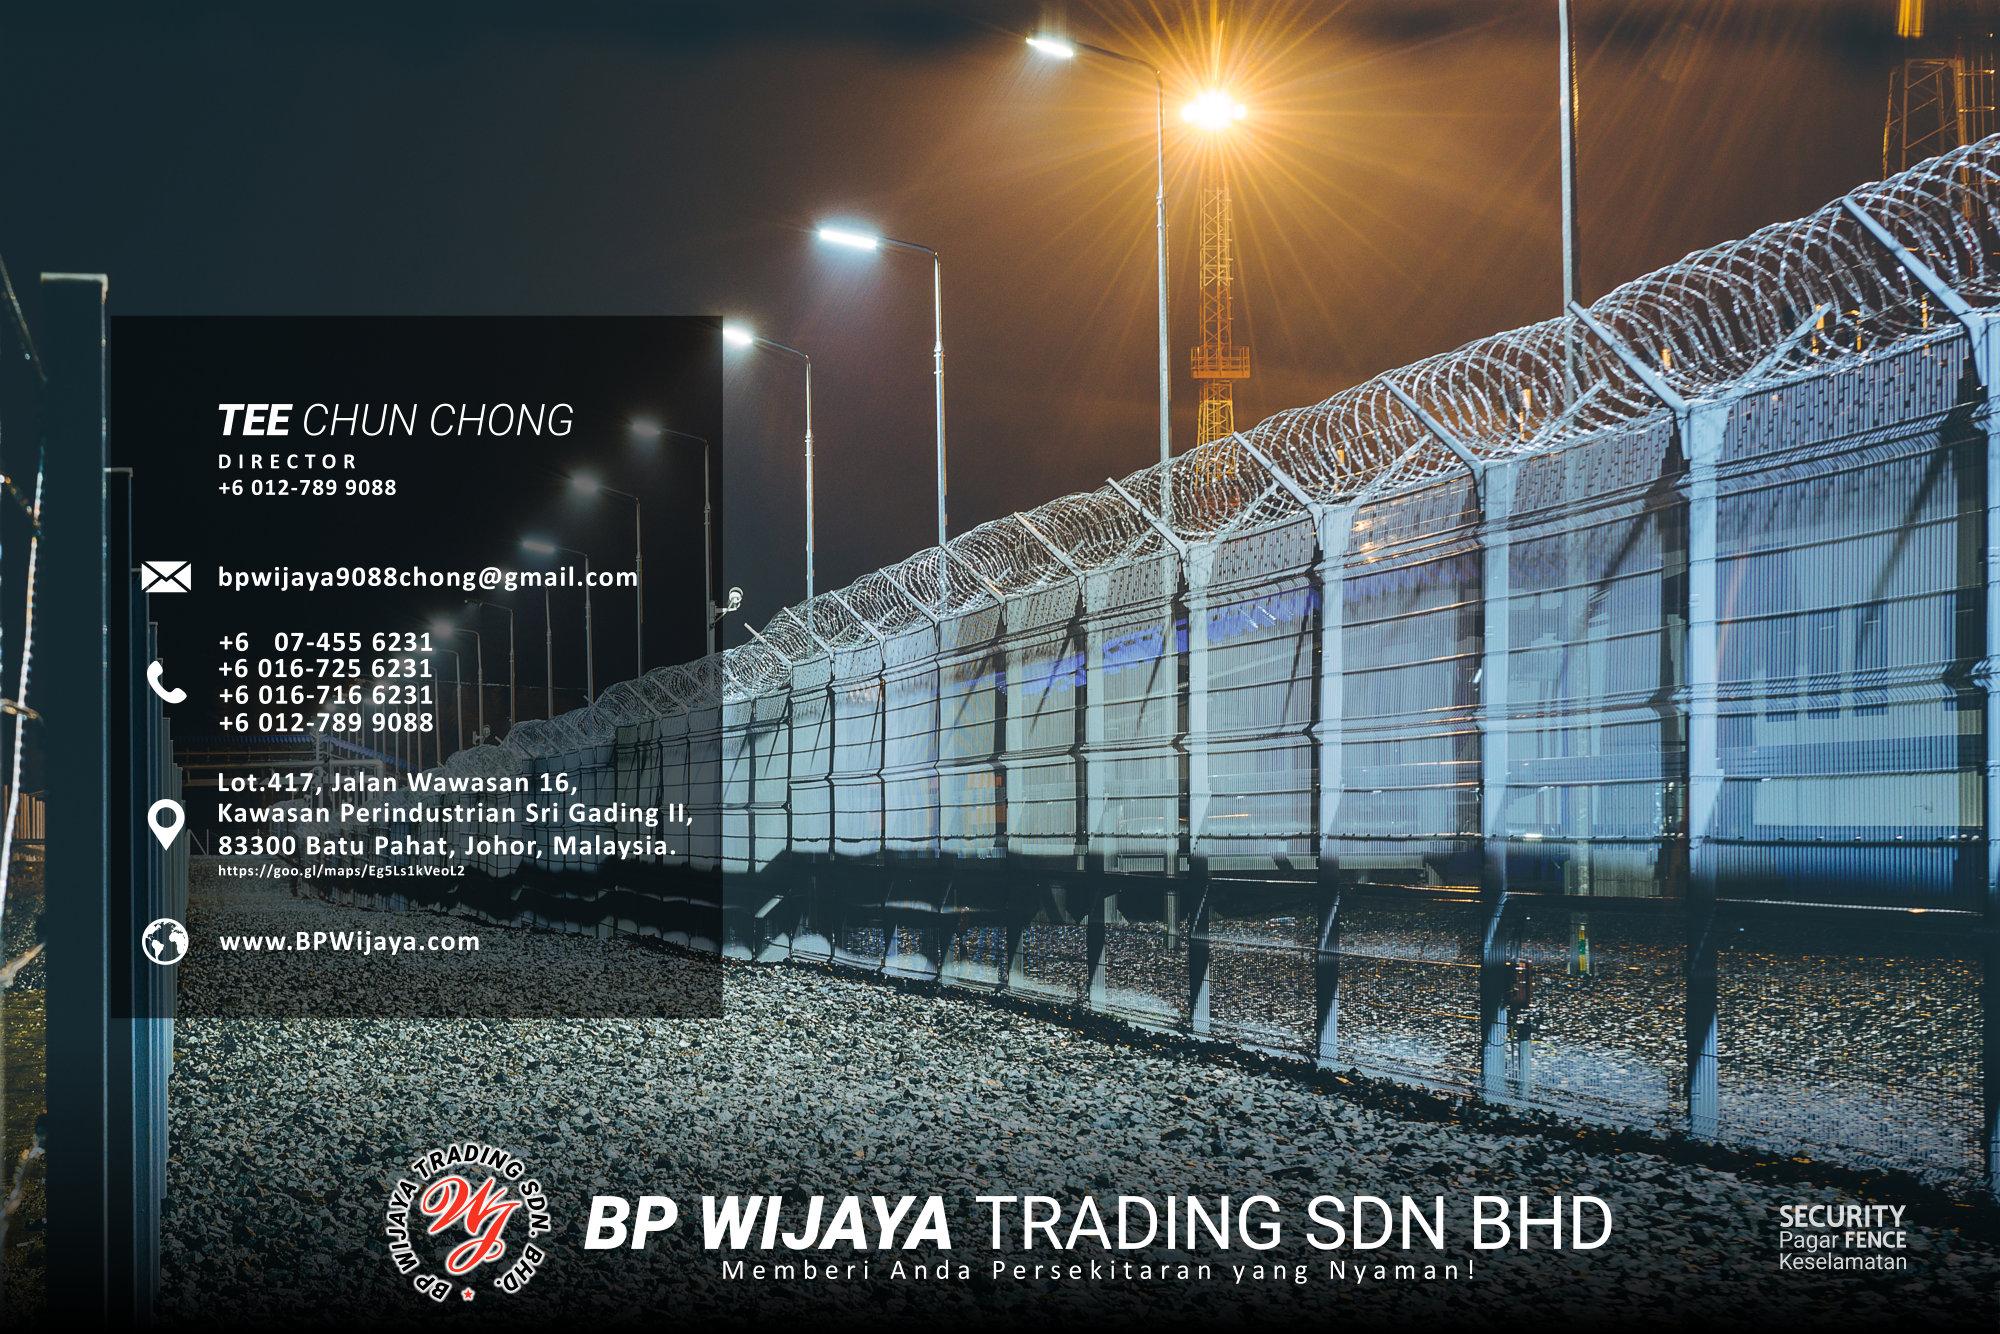 Pembekal Kuala Lumpur Pagar Keselamatan kami merupakan pengilang pagar keselamatan BP Wijaya Trading Sdn Bhd Pagar Taman Pagar Bangunan Pagar Kilang Pagar Rumah Pemborong Pagar Keselamatan A03-029